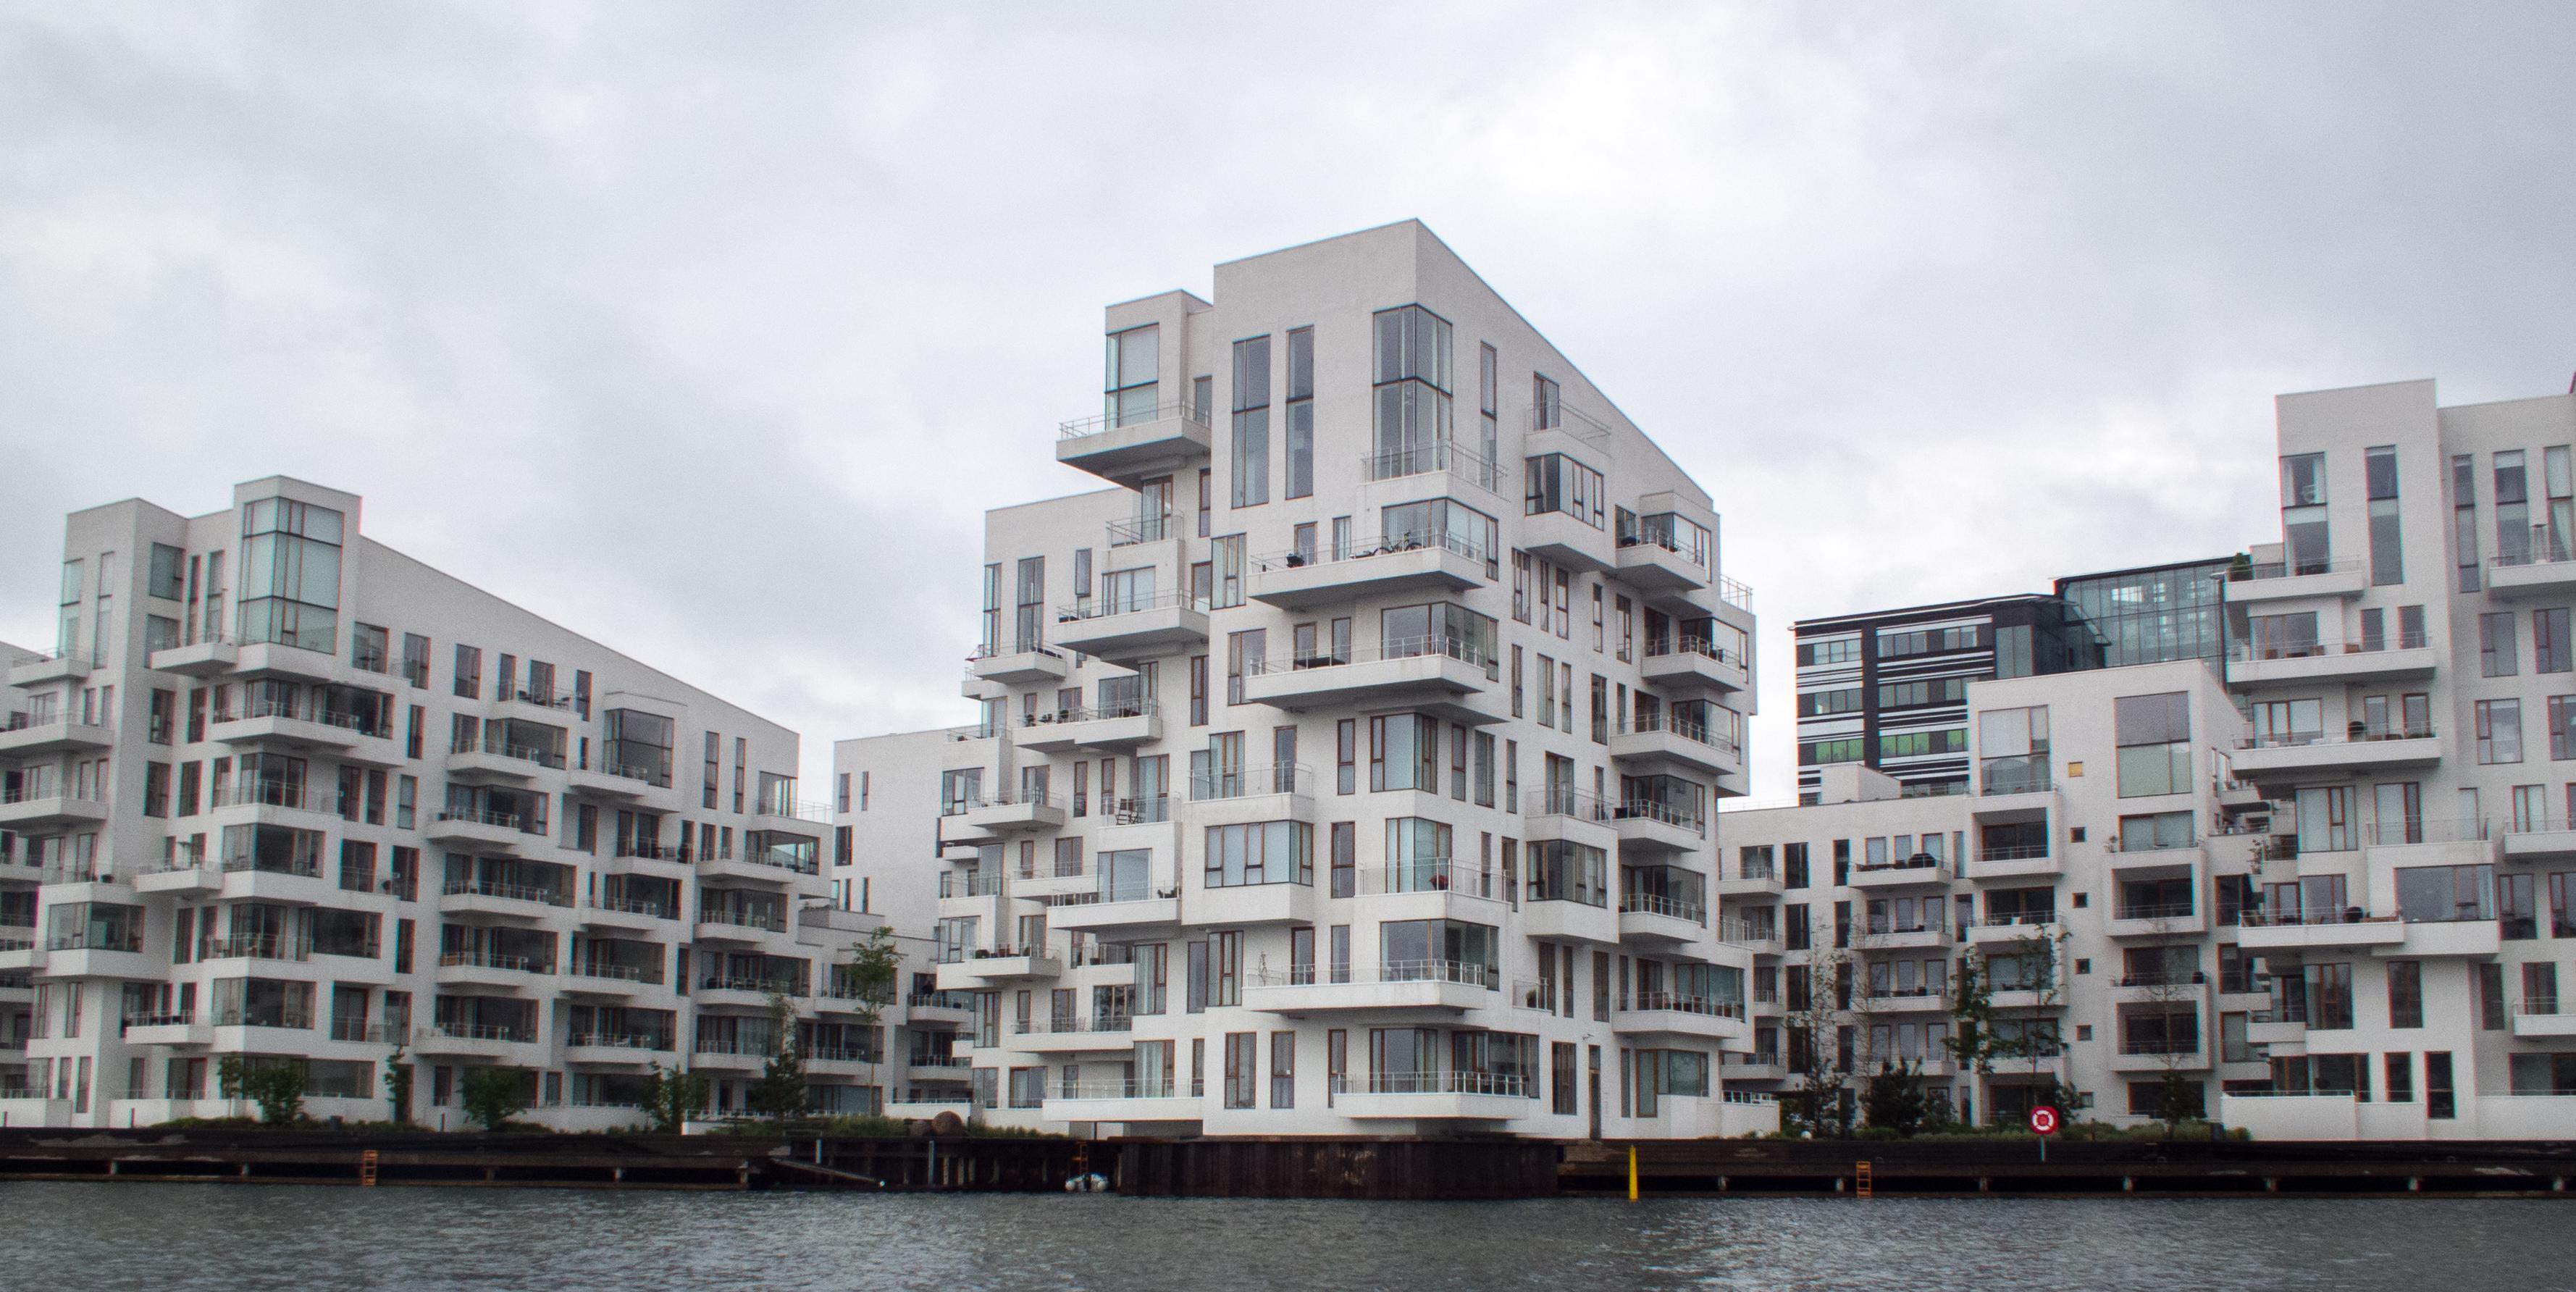 Denmark 67